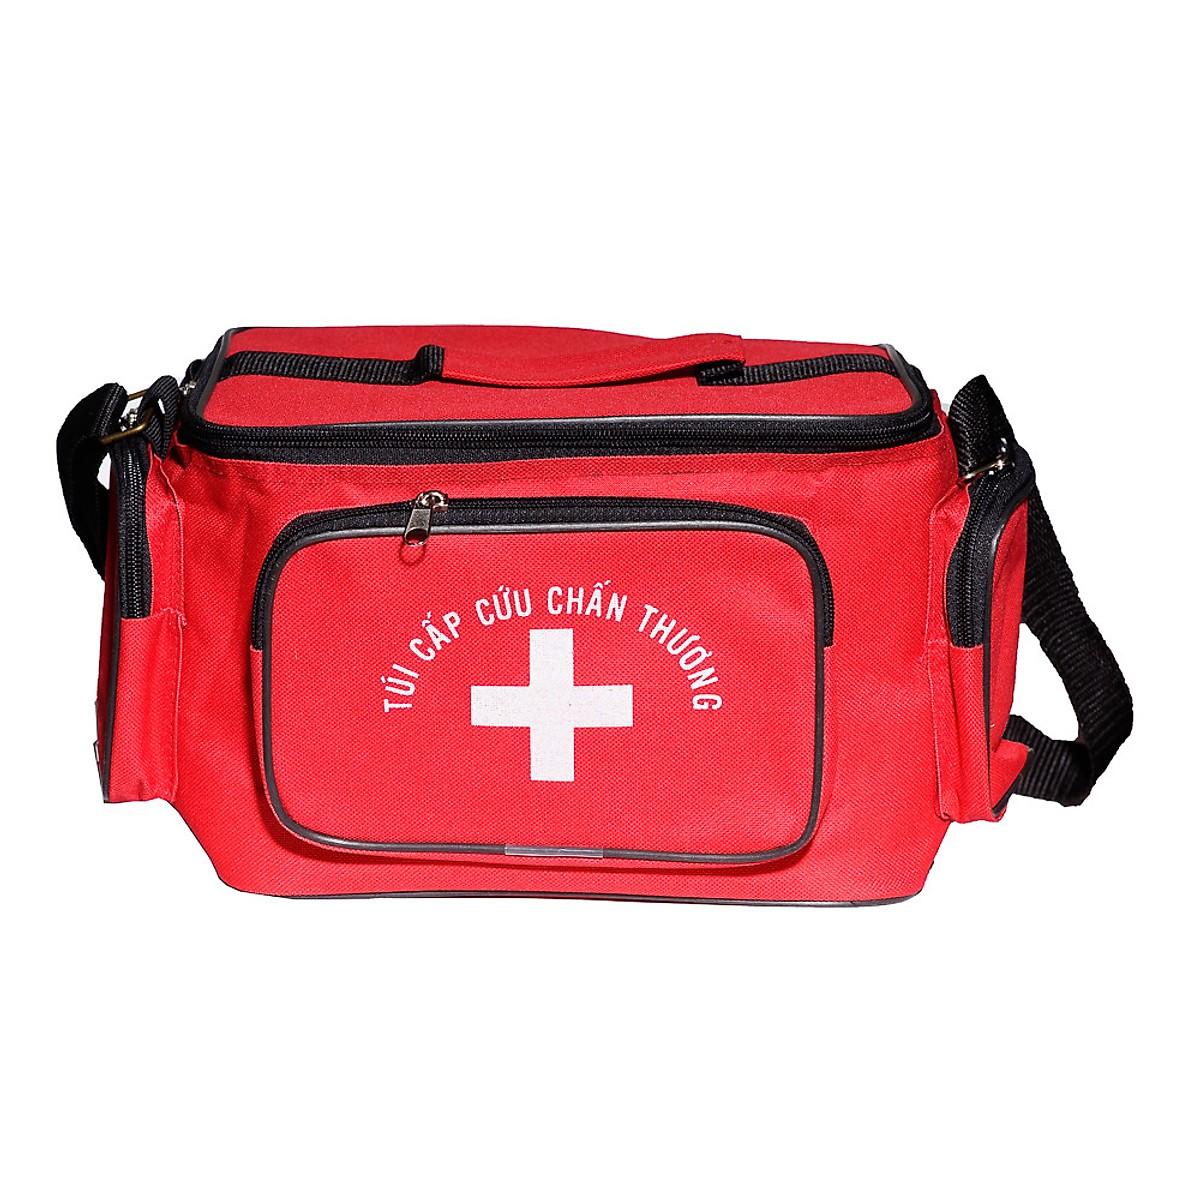 Túi y tế đỏ size XL